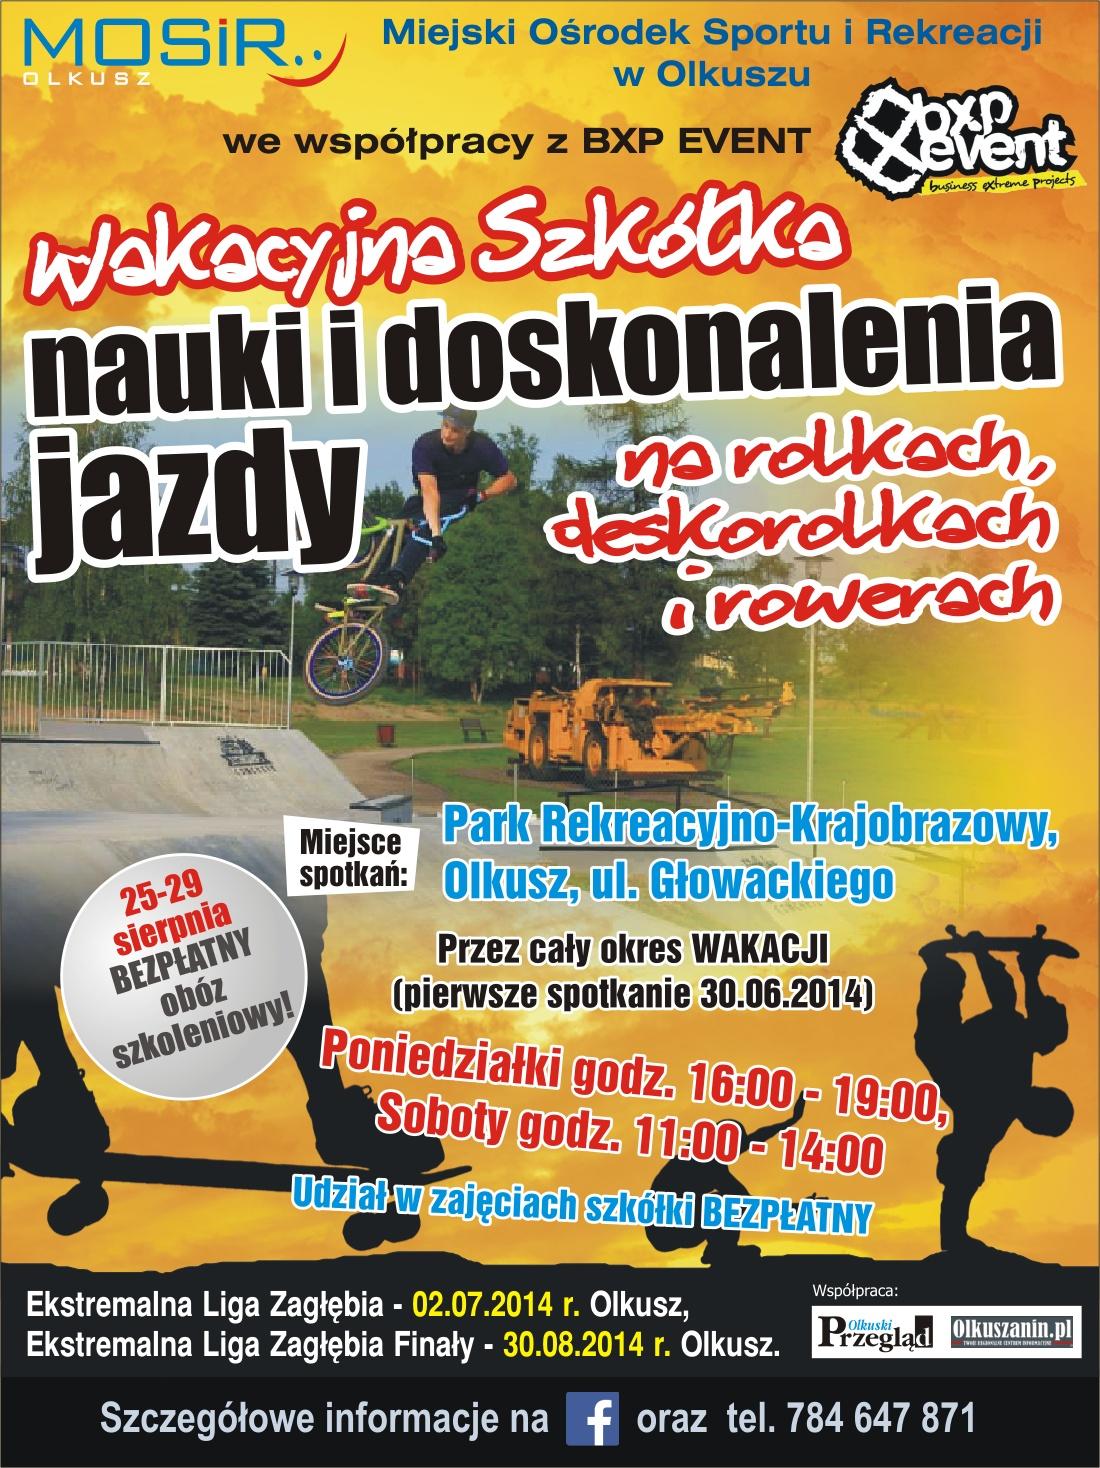 Plakat promujący wakacyjną szkółkę nauki i doskonalenia jazdy na rolkach, deskorolkach i rowerach